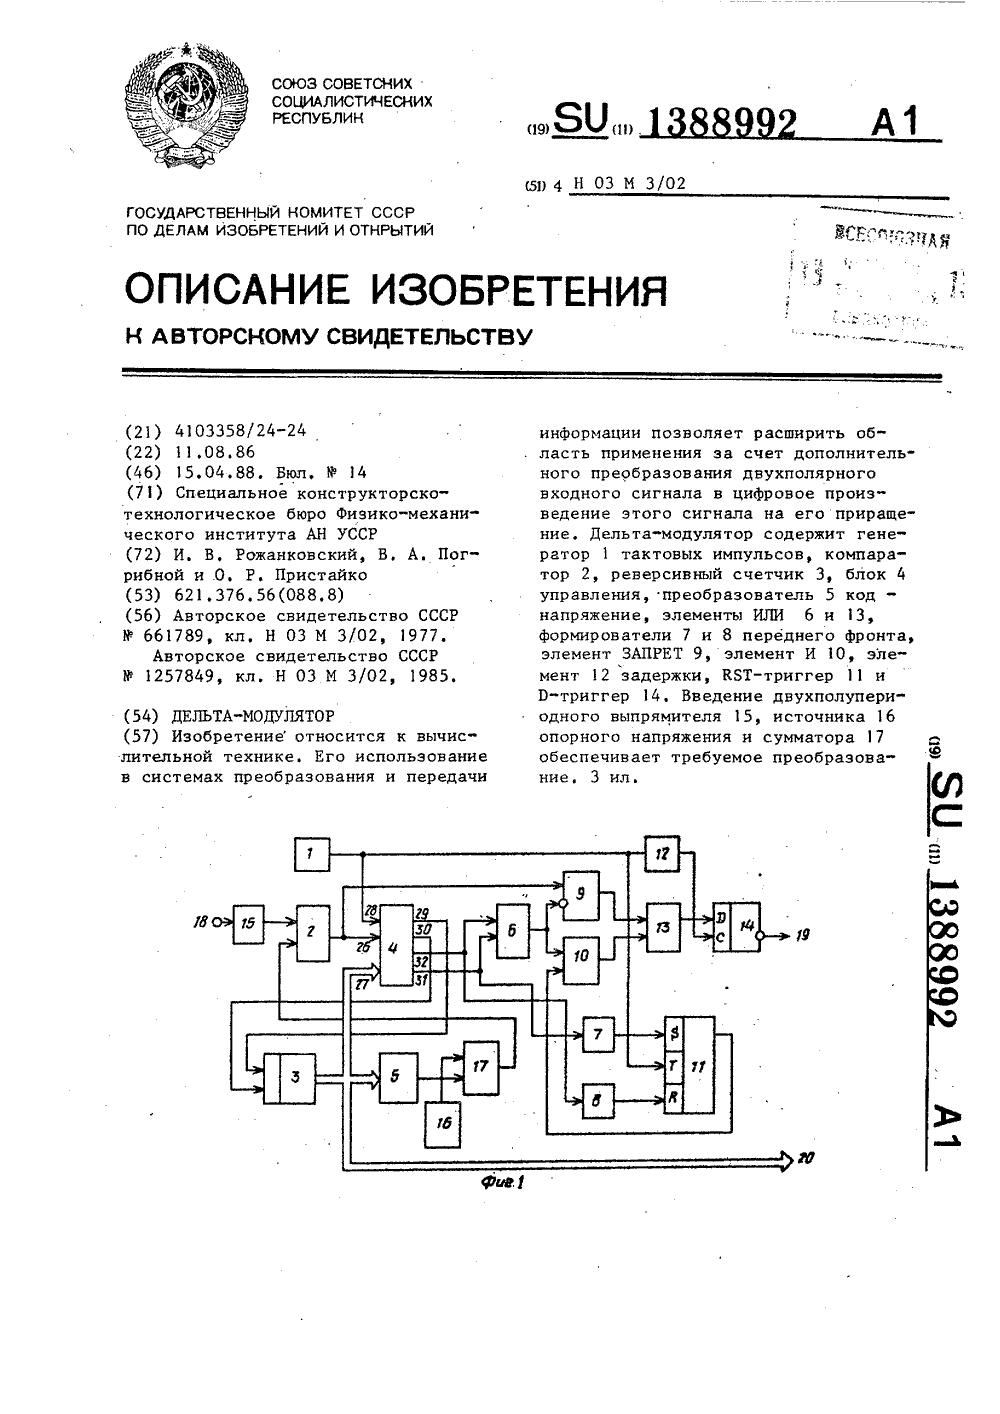 схема дельта модулятор